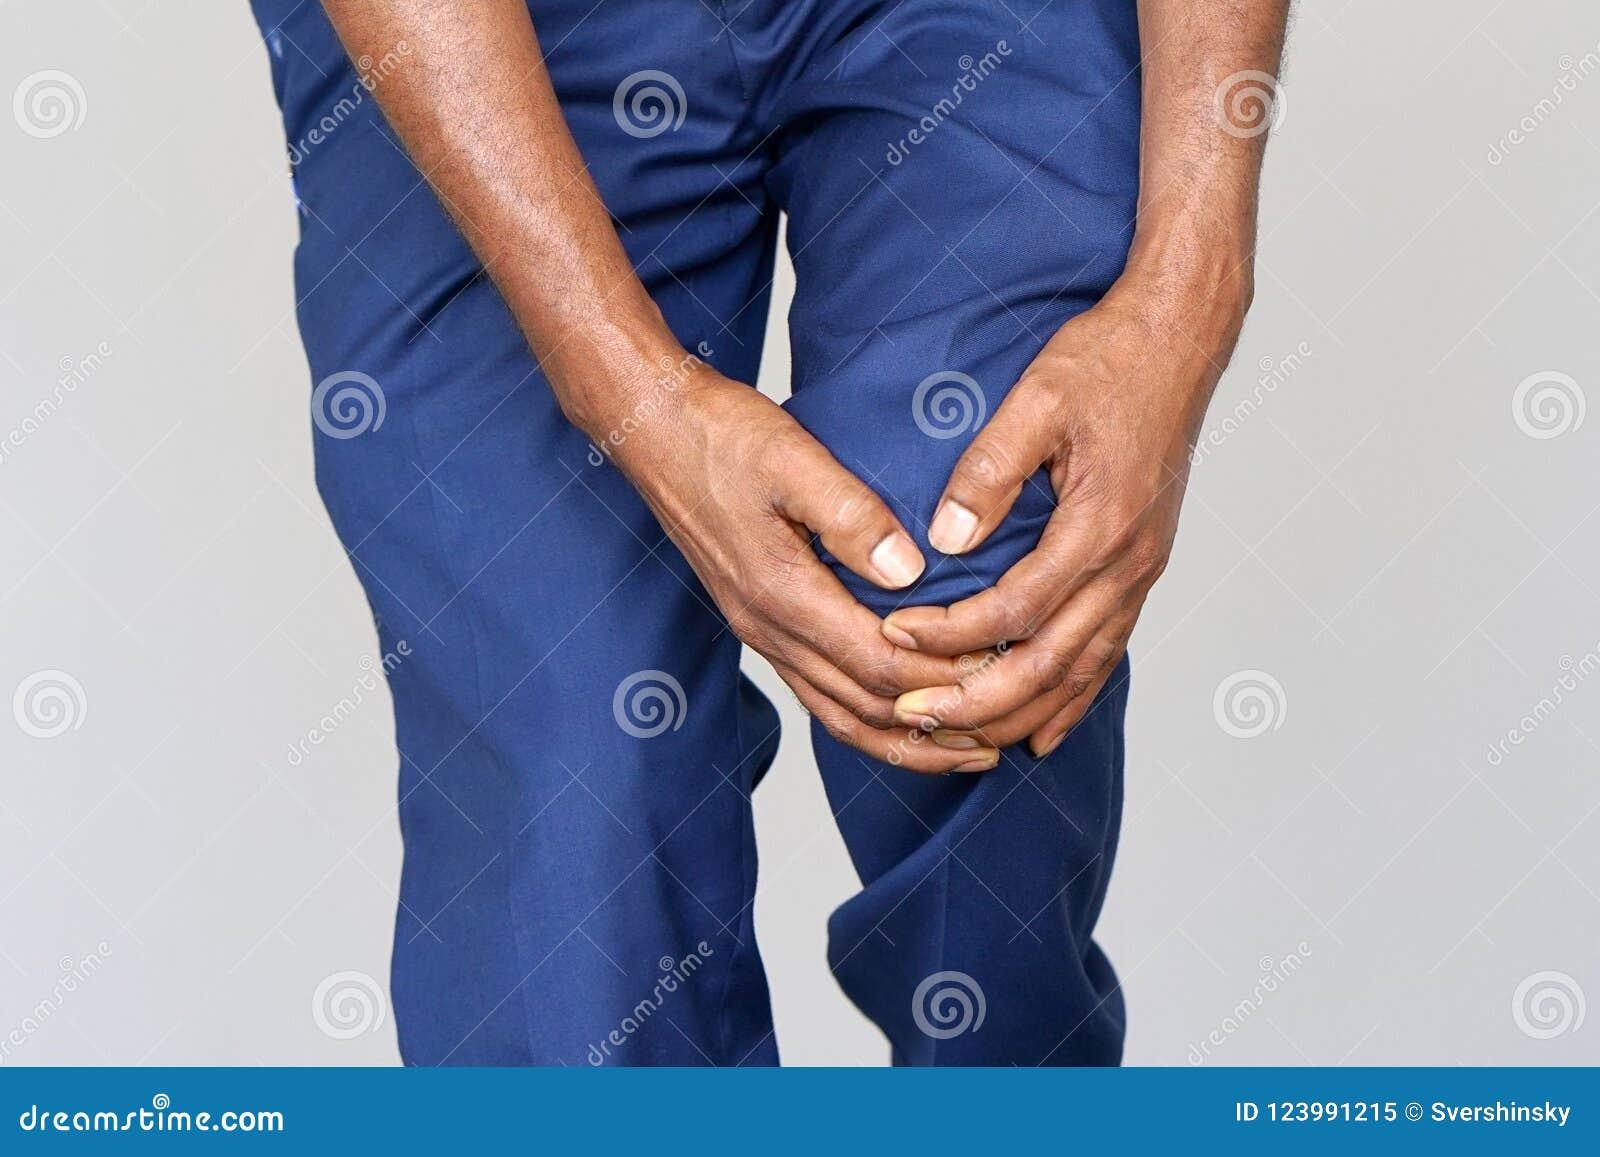 Dolor en las rodillas de un hombre